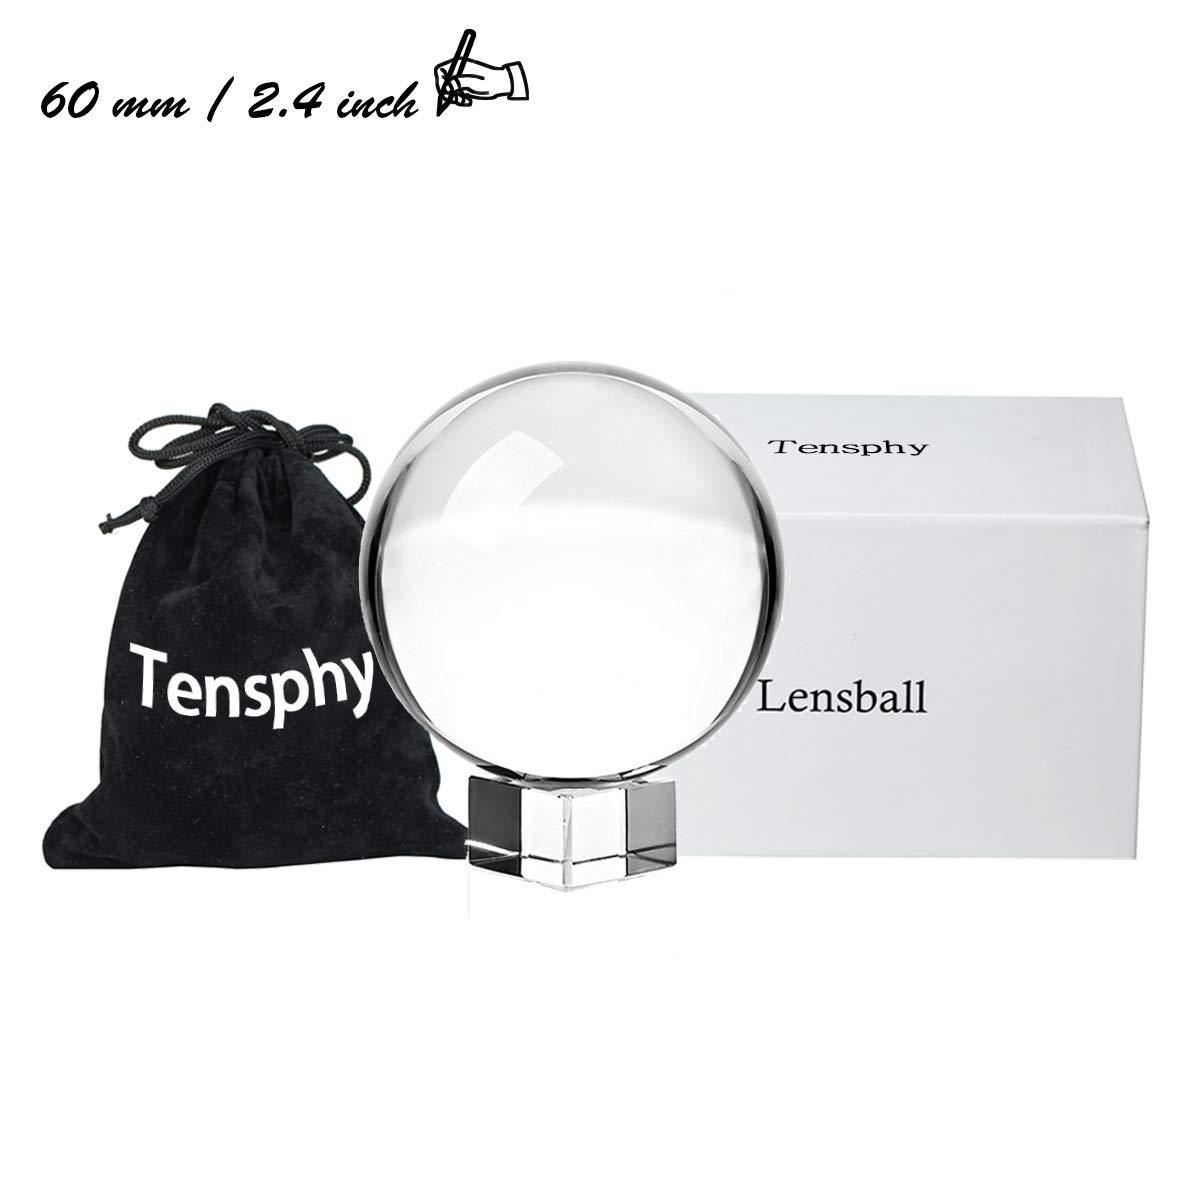 Tensphy K9 Bola de Cristal con Soporte 80 mm / 3.15 Pulgadas Claro Decoración de Arte K9 Cristal Apuntalar para Fotografía Decoración (2.4